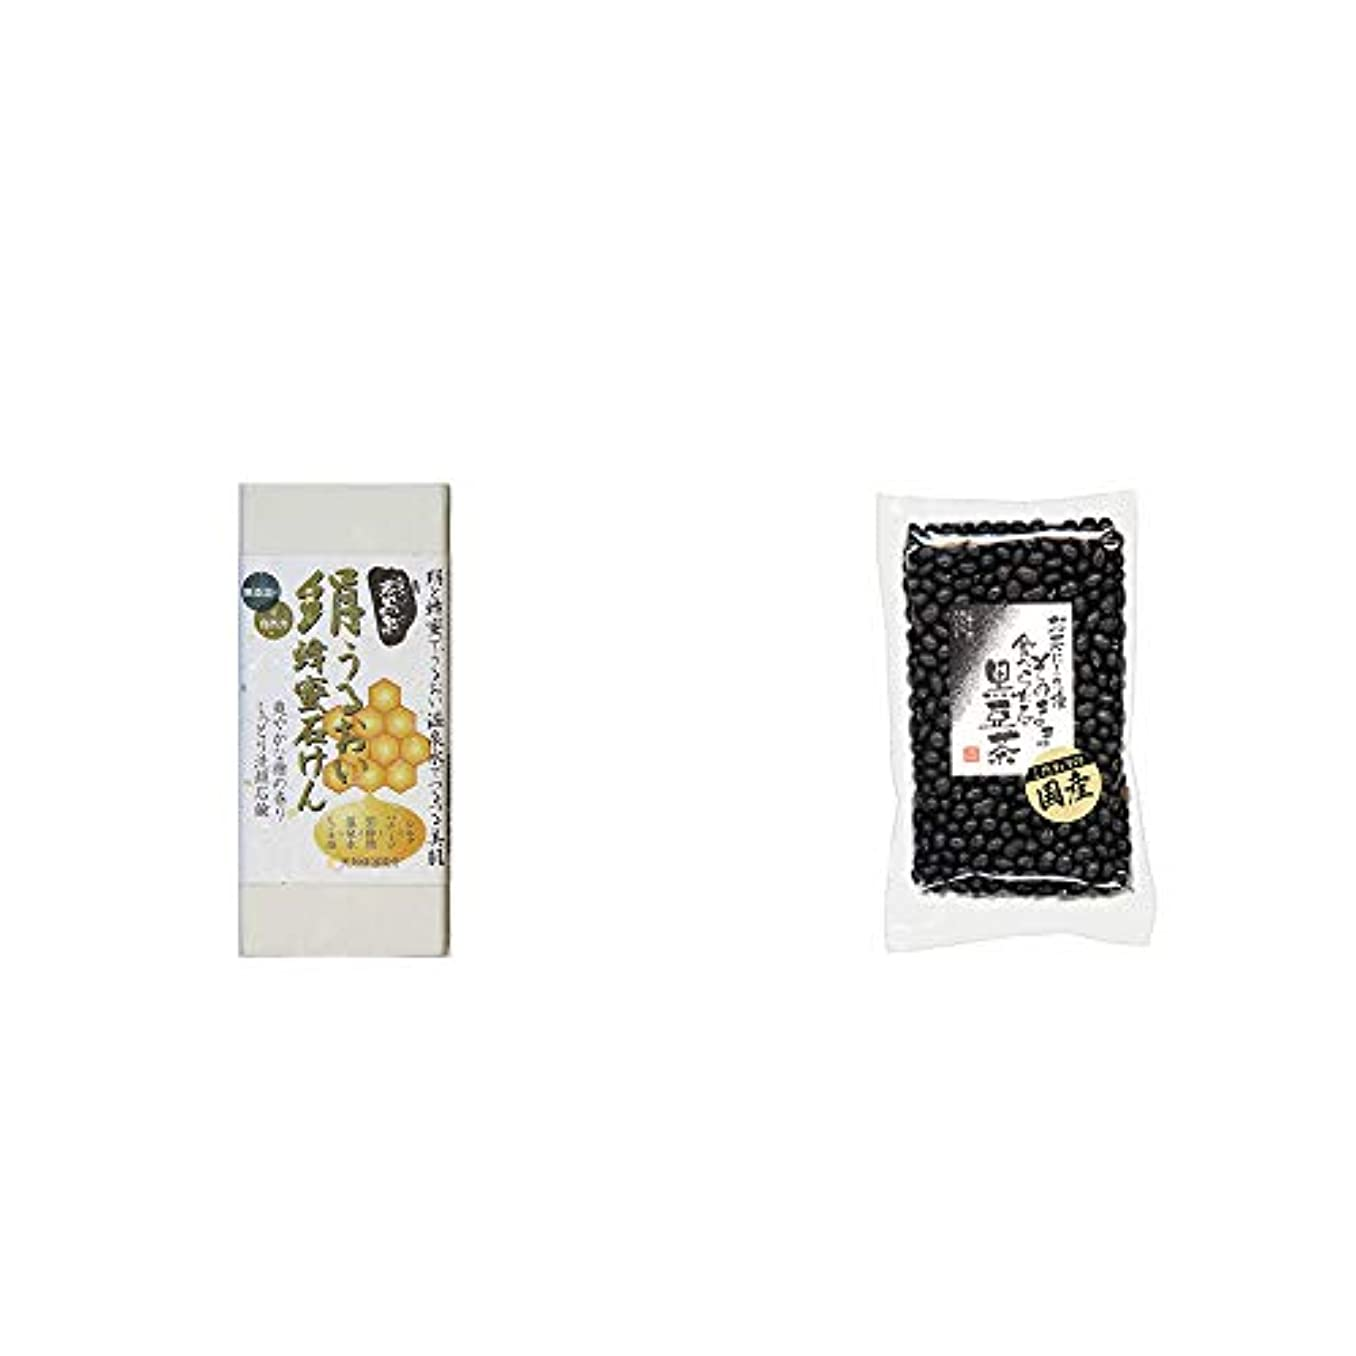 代わりにを立てる衣服召集する[2点セット] ひのき炭黒泉 絹うるおい蜂蜜石けん(75g×2)?国産 黒豆茶(200g)